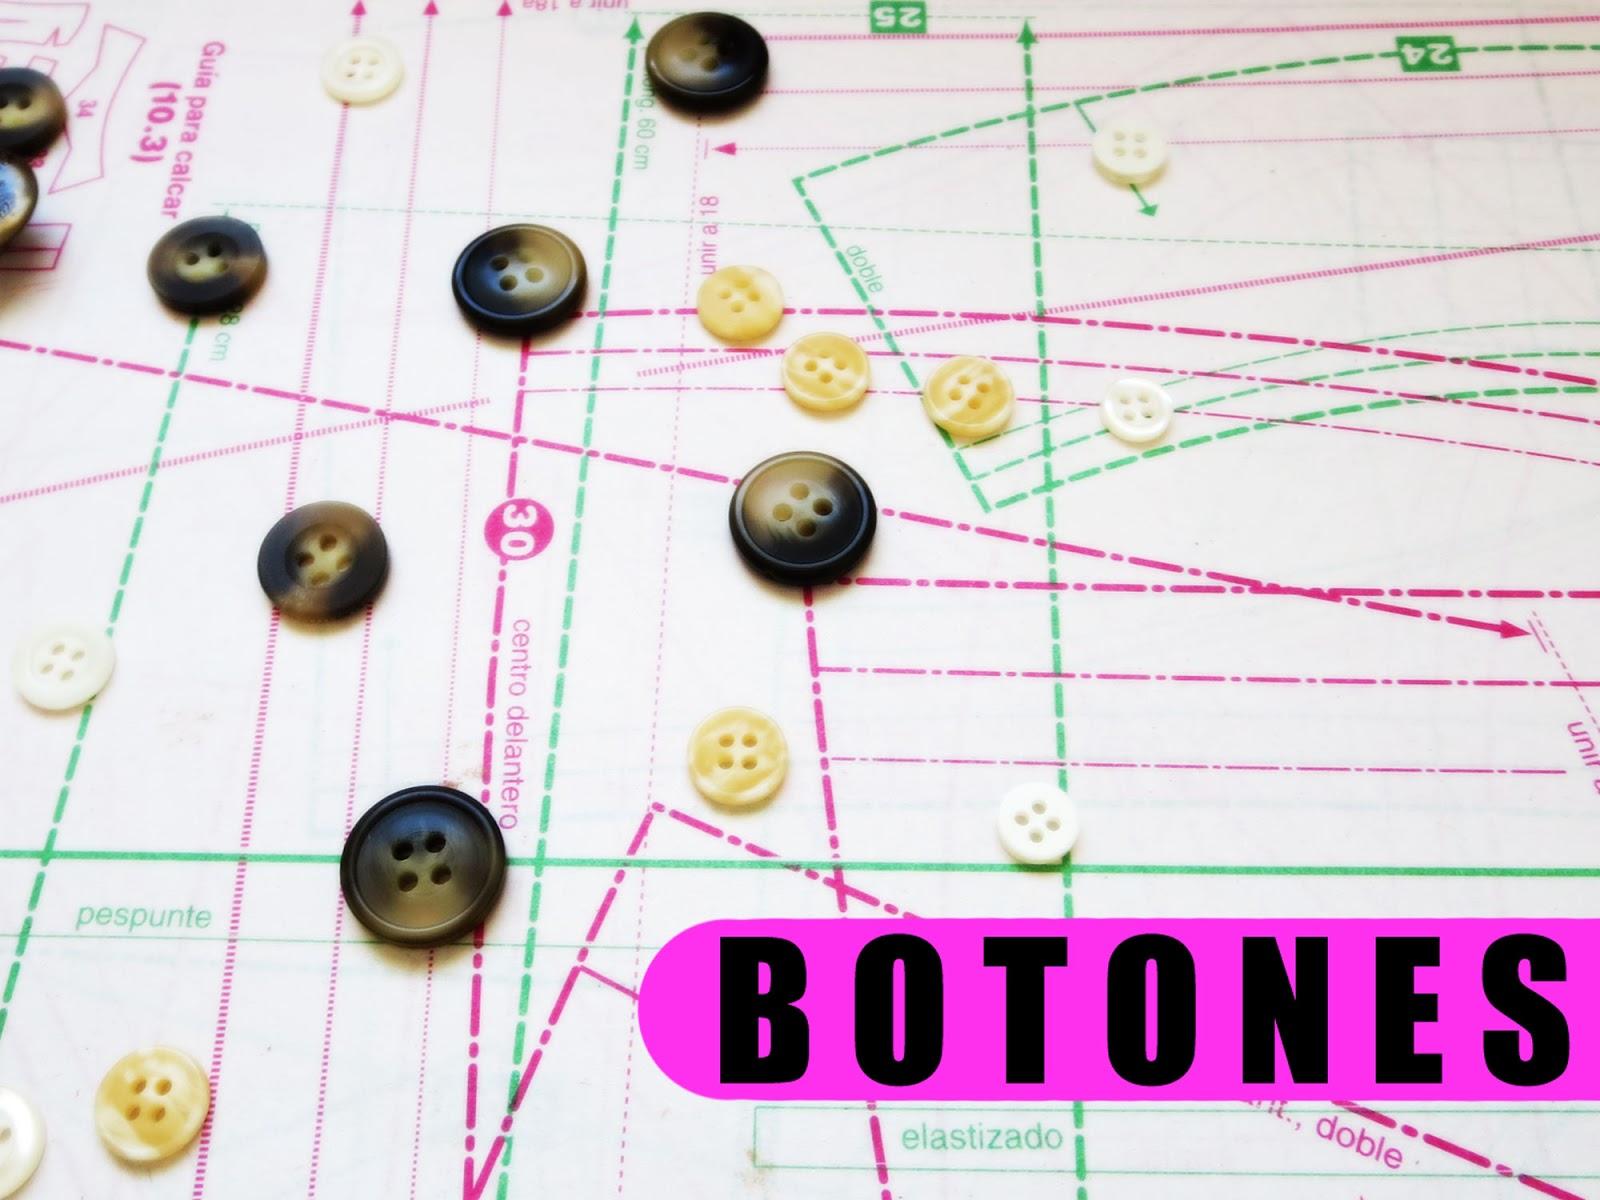 Cómo elegir y coser botones - Coser es fácil